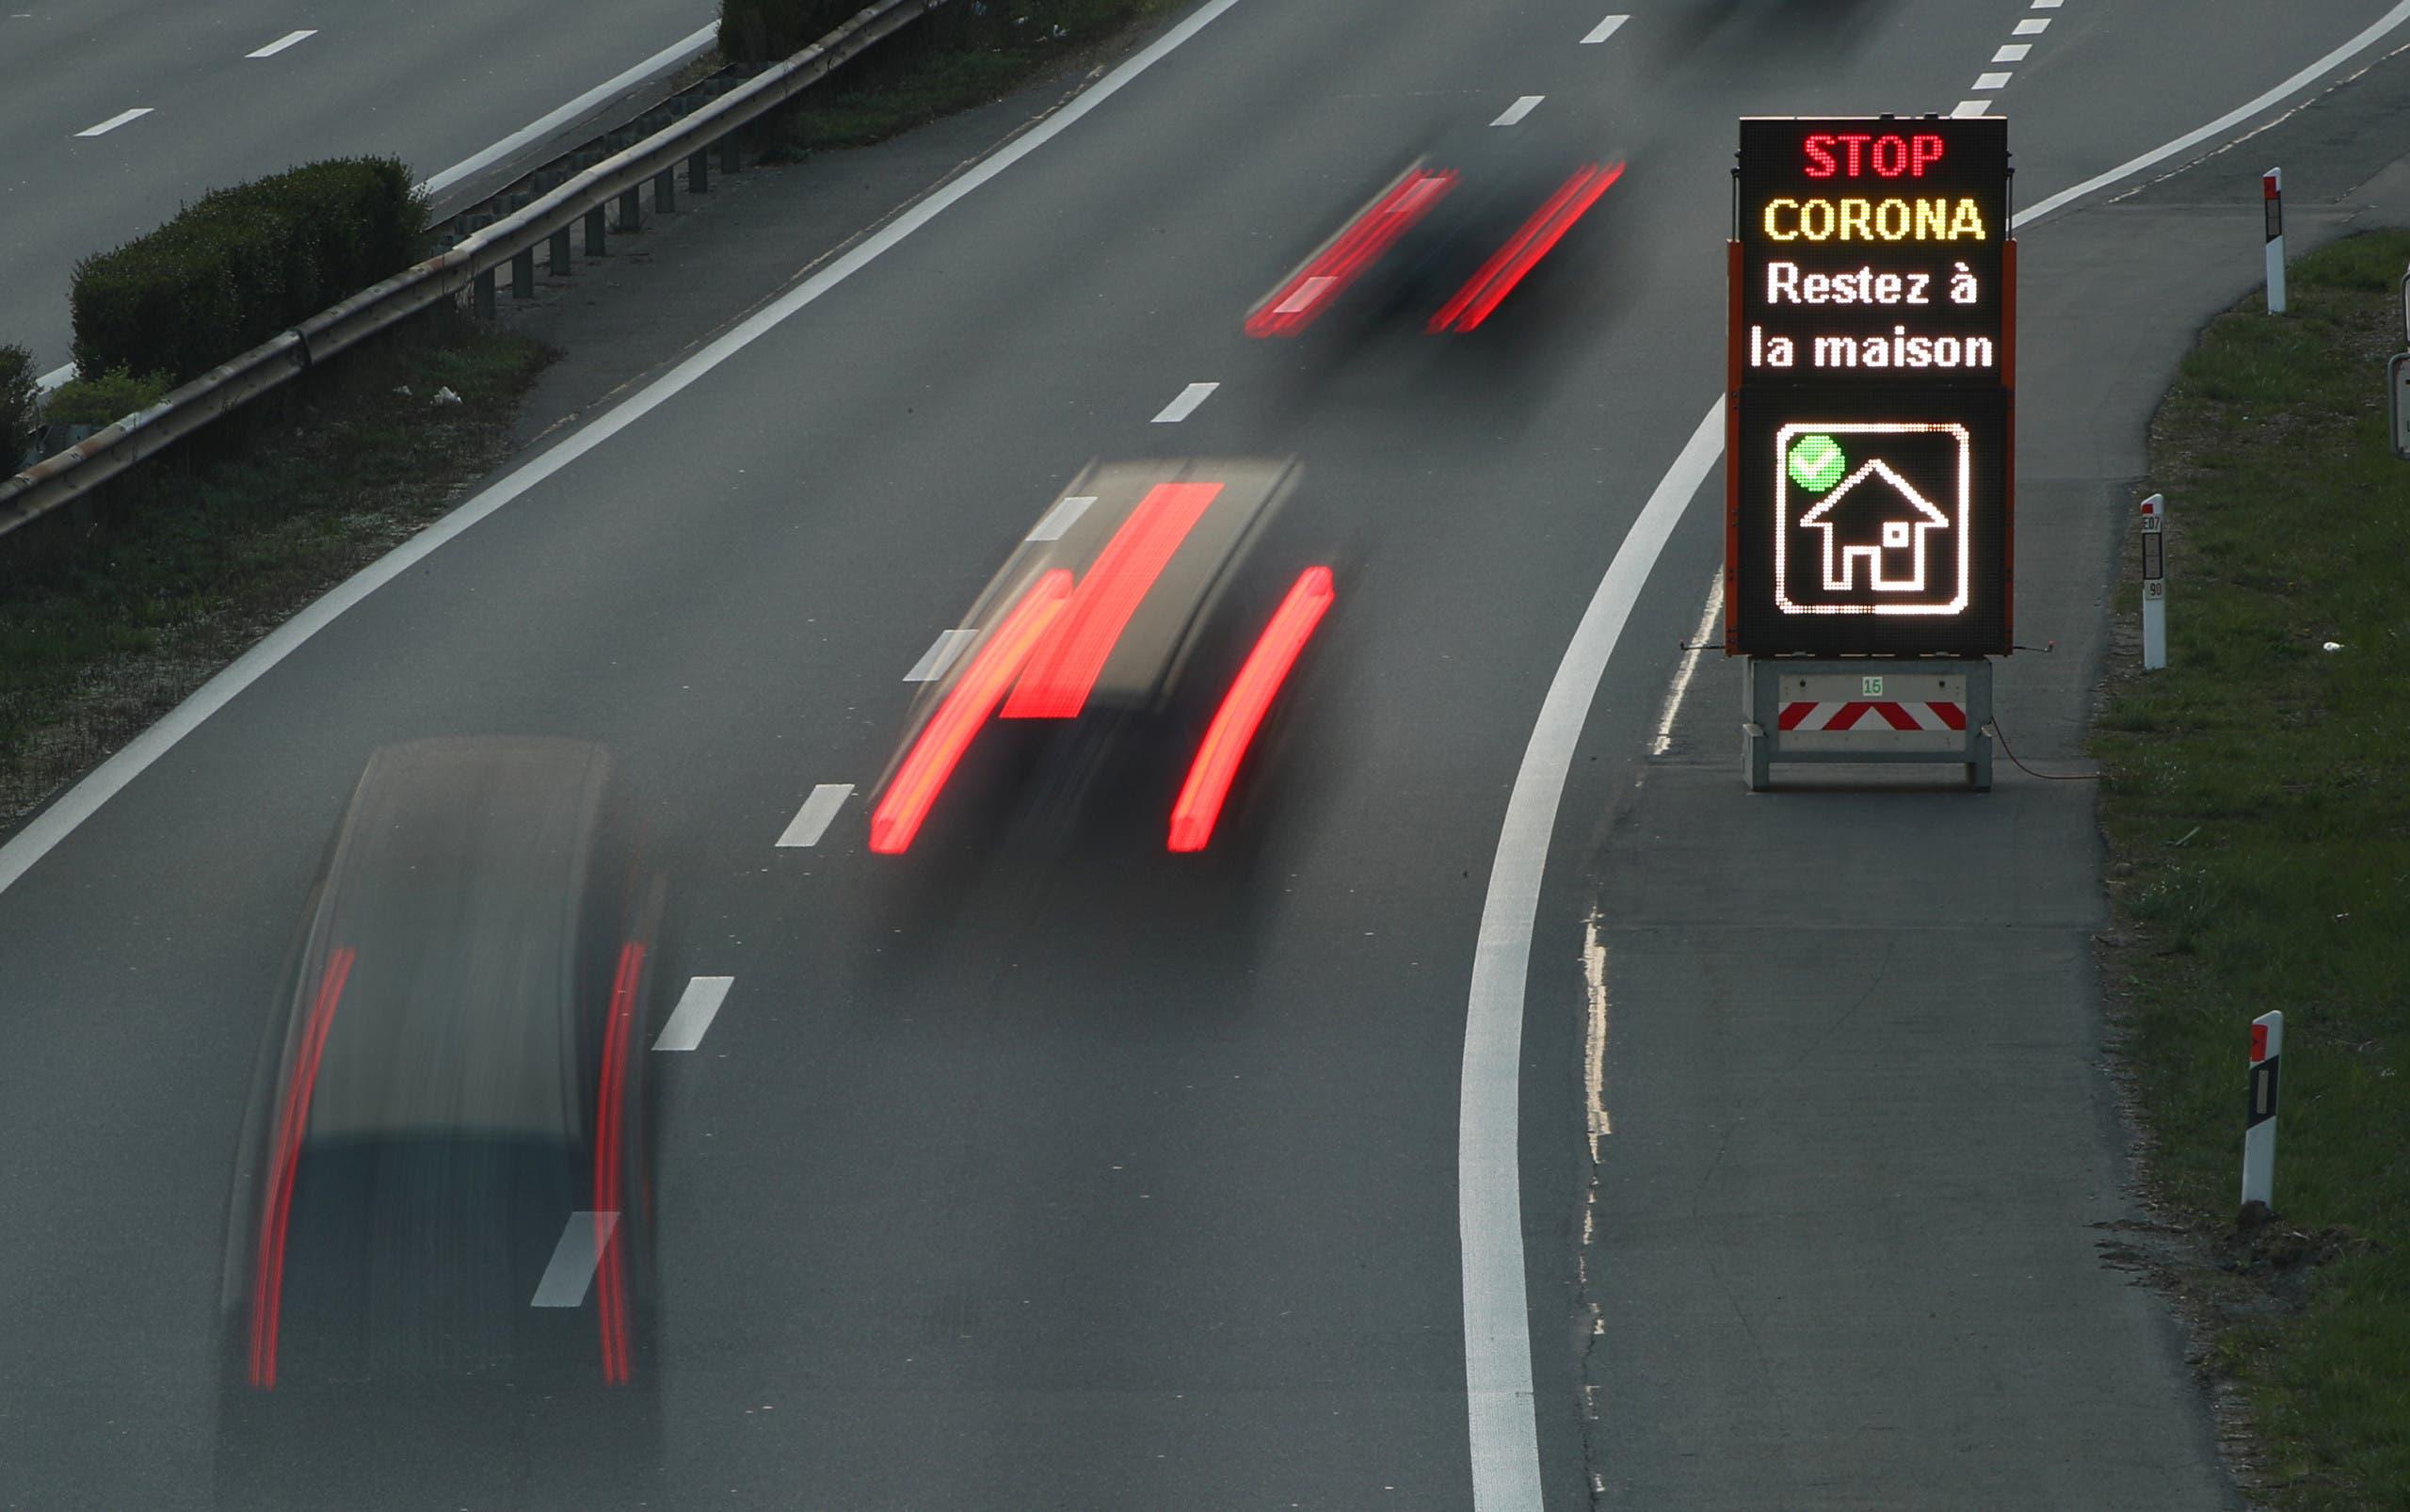 لوحة تحث السائقين على البقاء في منازلهم على إحدى طرقات لوزان في سويسرا